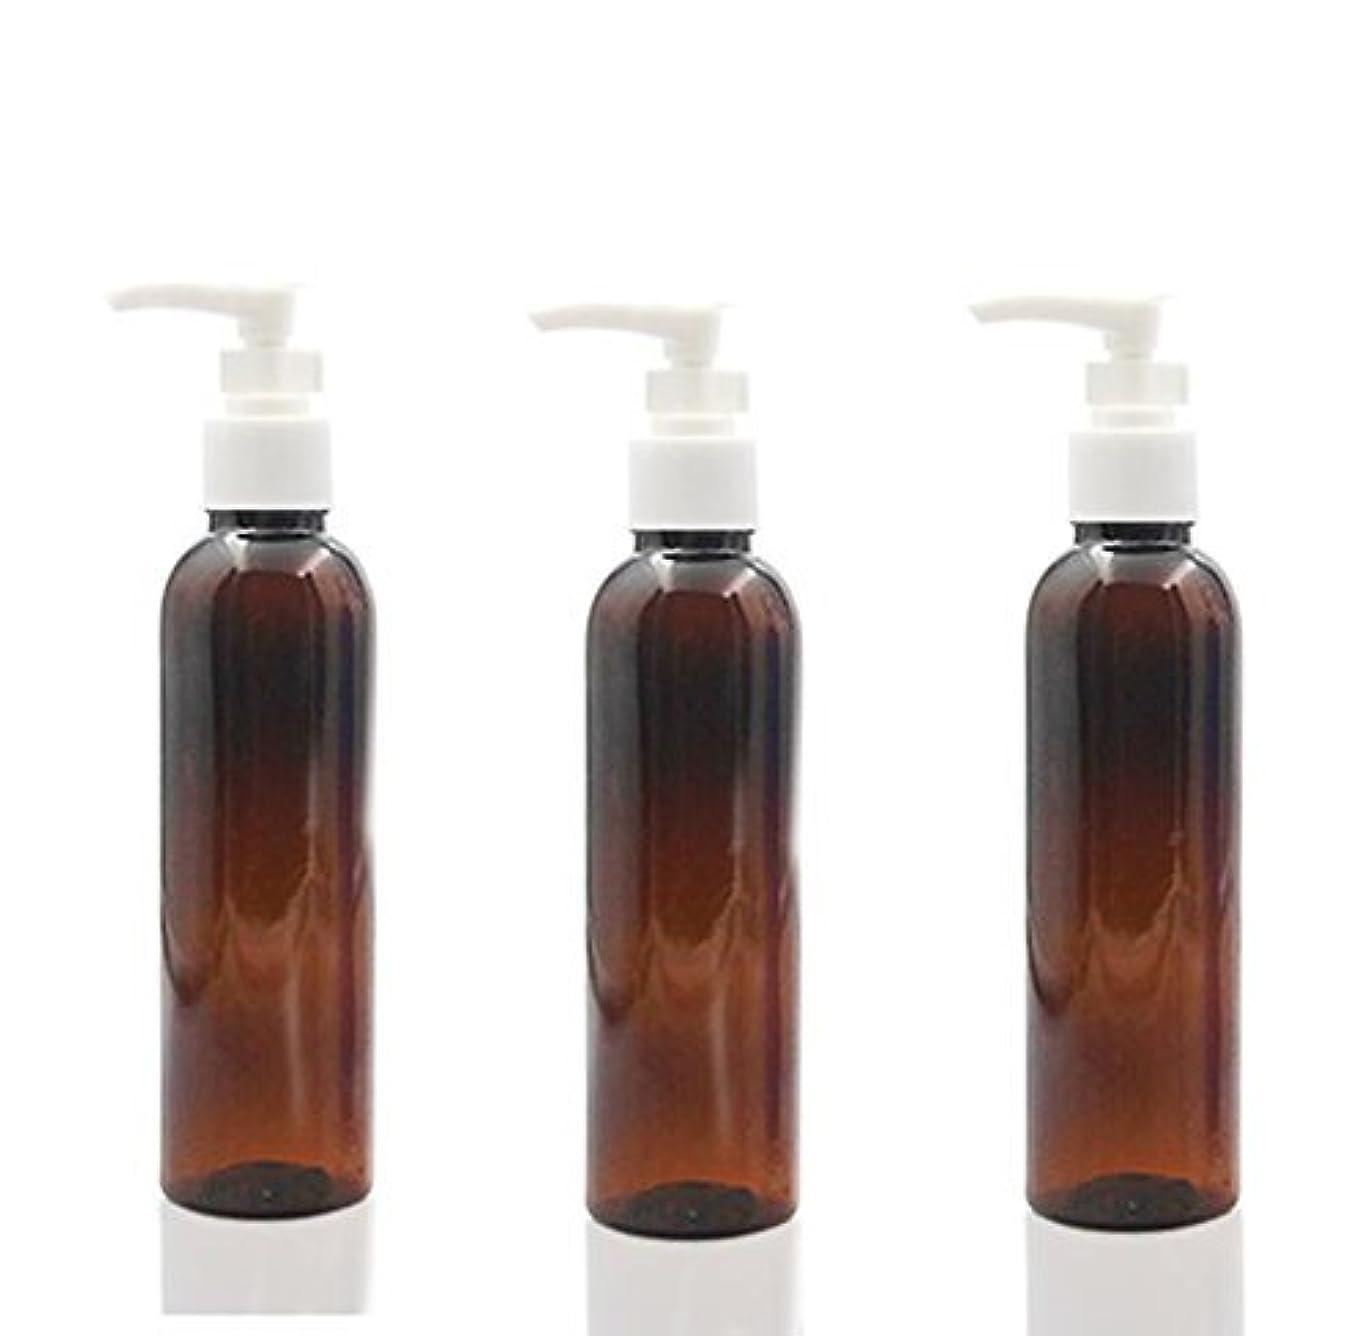 ごちそう大きなスケールで見るとトリッキー3PCS 150ml Plastic Round Pump Bottles for Cooking Sauces Essential Oils Lotions Liquid Soaps or Organic Beauty...